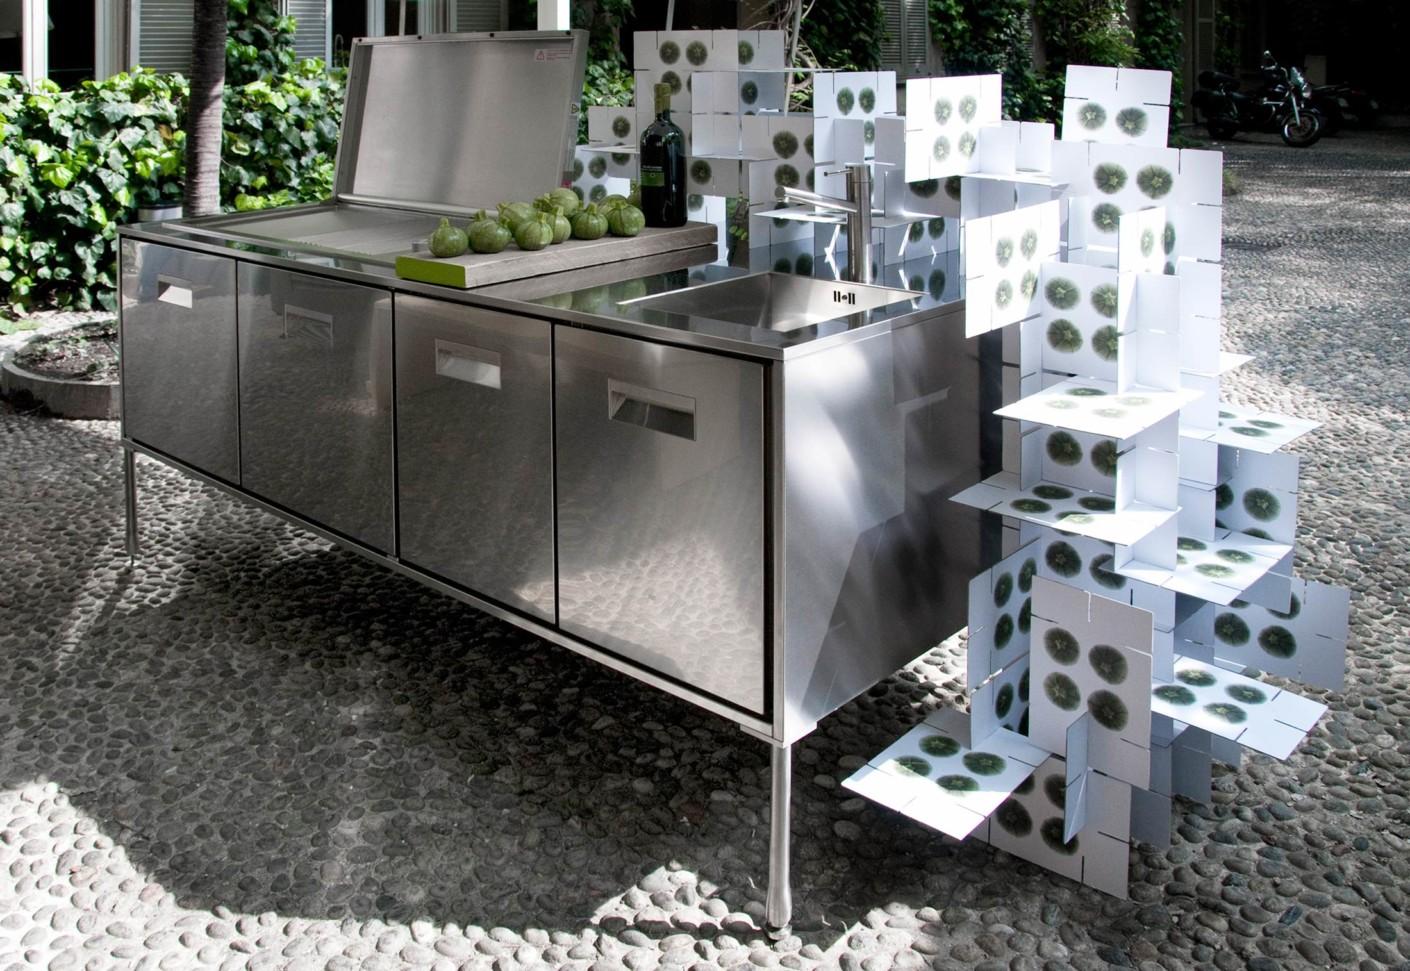 Buch Die Neue Outdoor Küche : Die neue outdoor küche buch neue ideen für die strickliesel